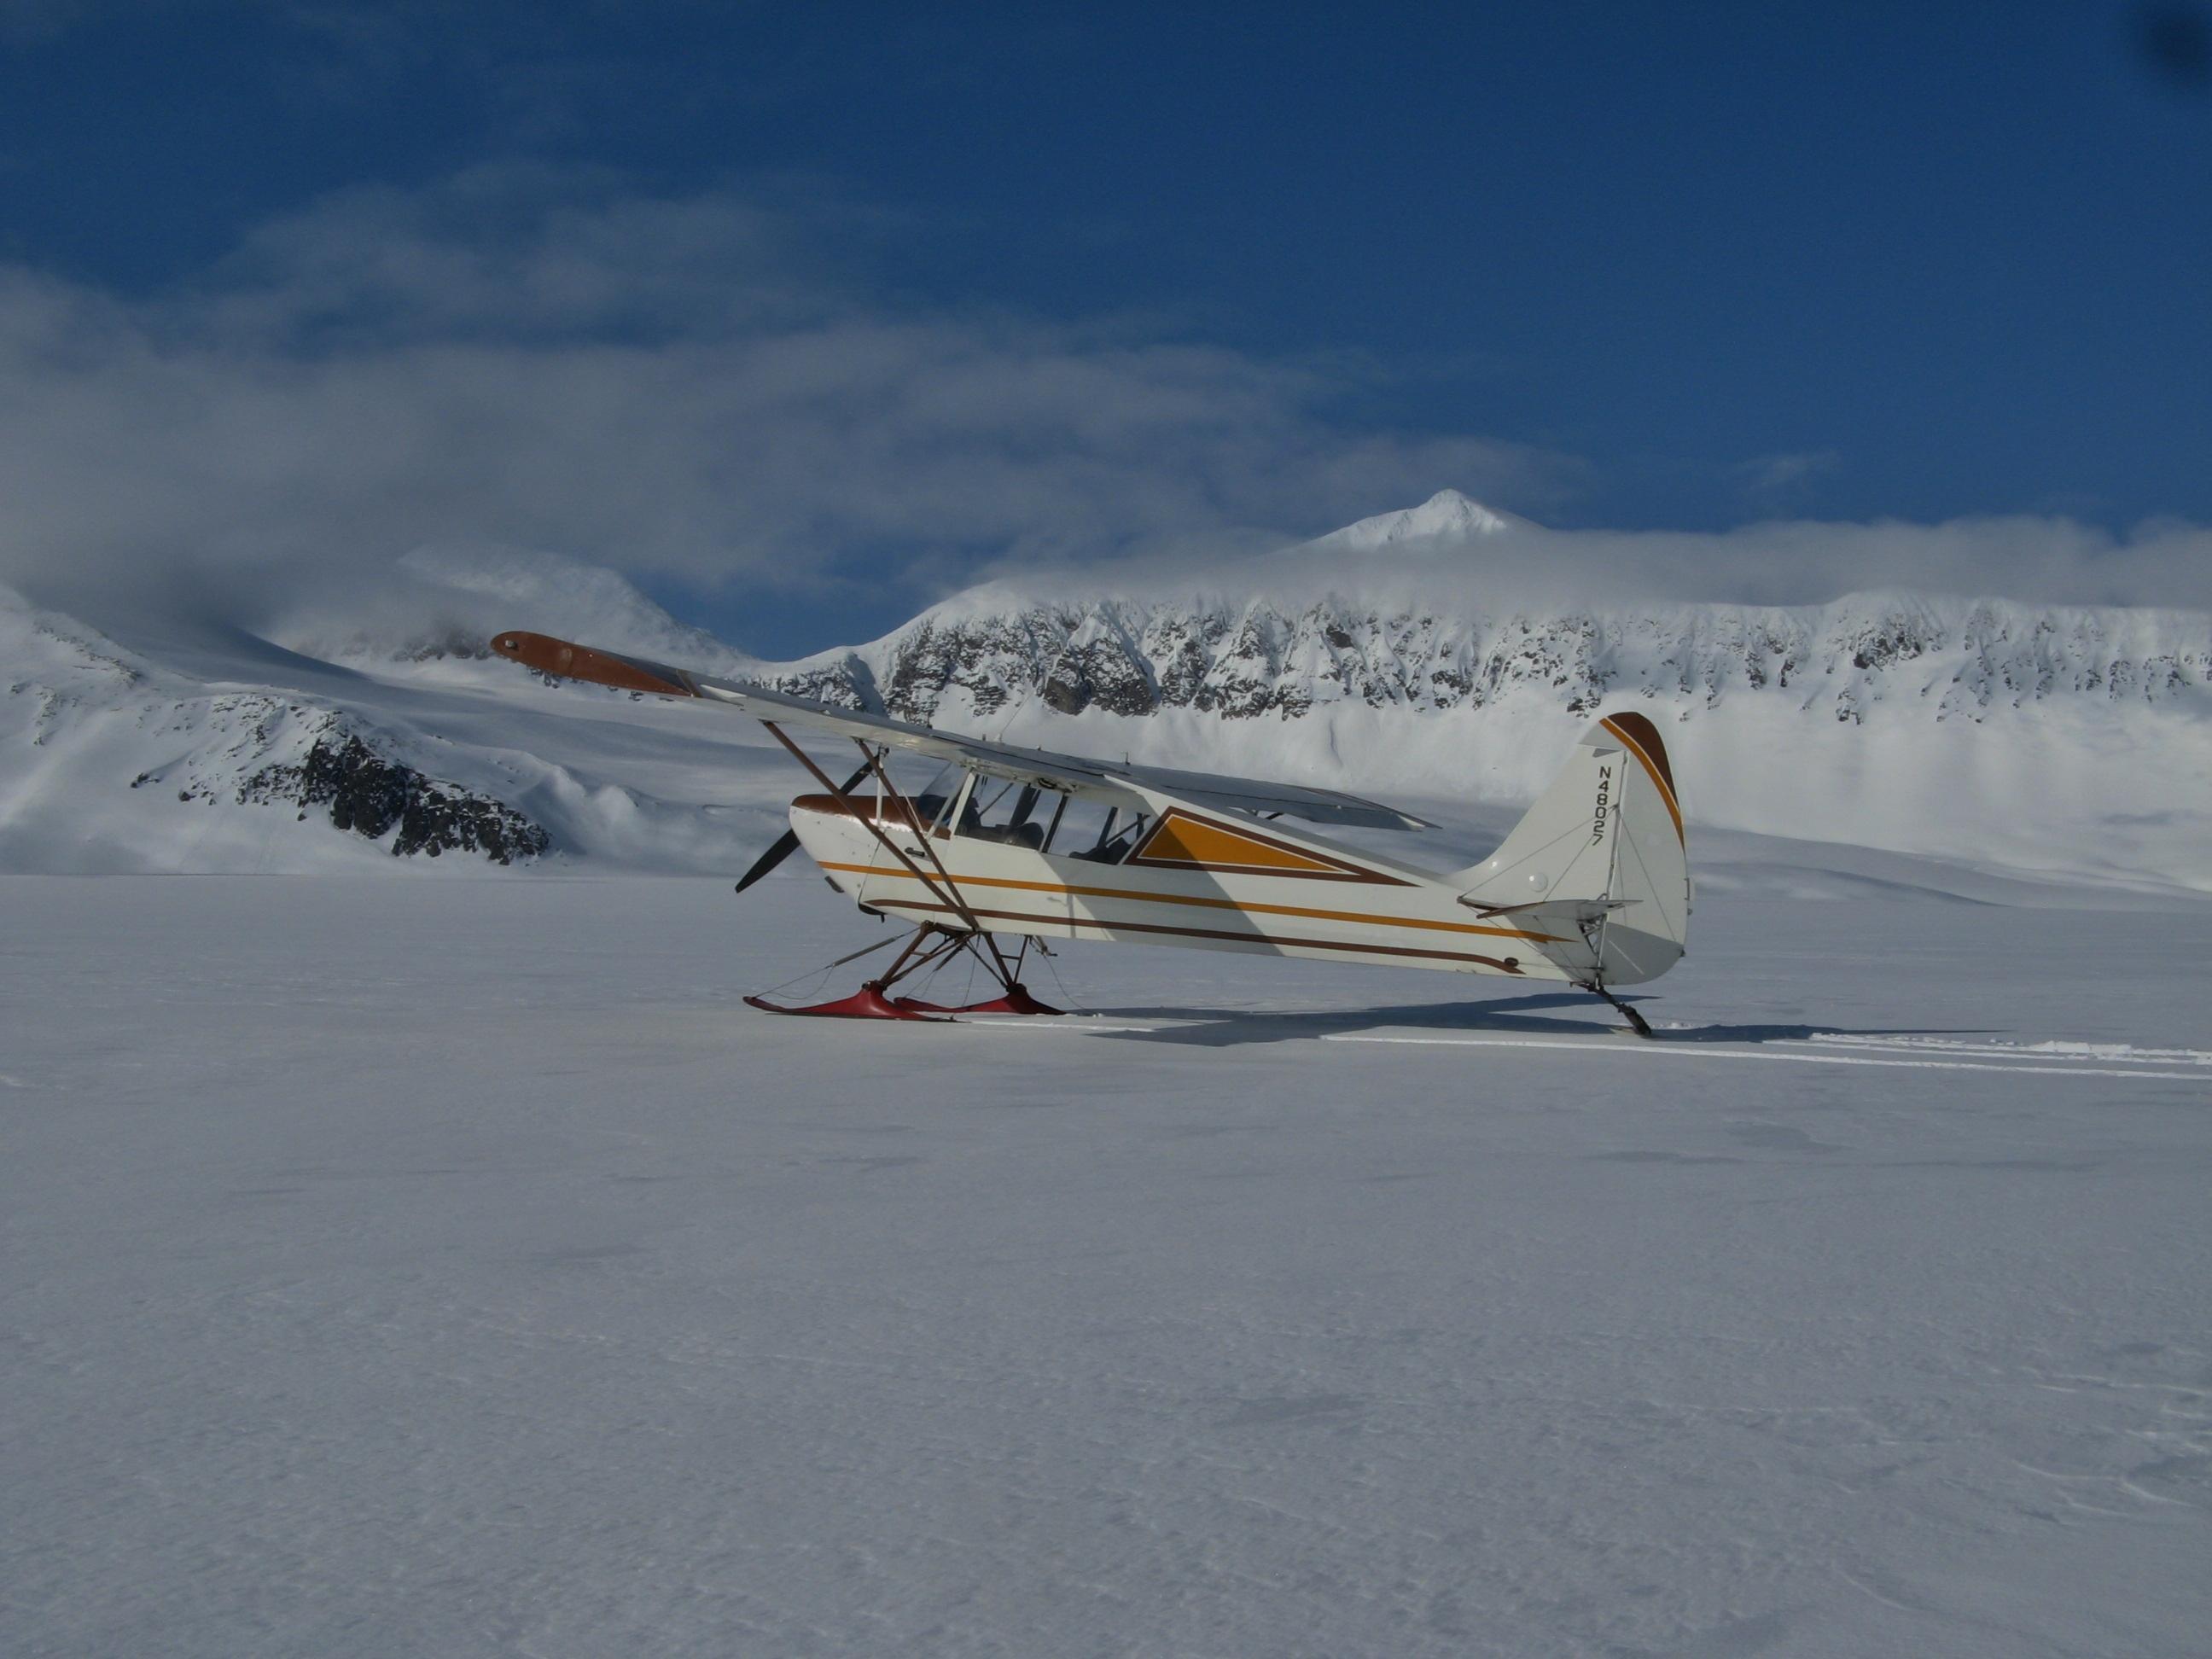 Ski Landing on Alaska's Harding Icefield